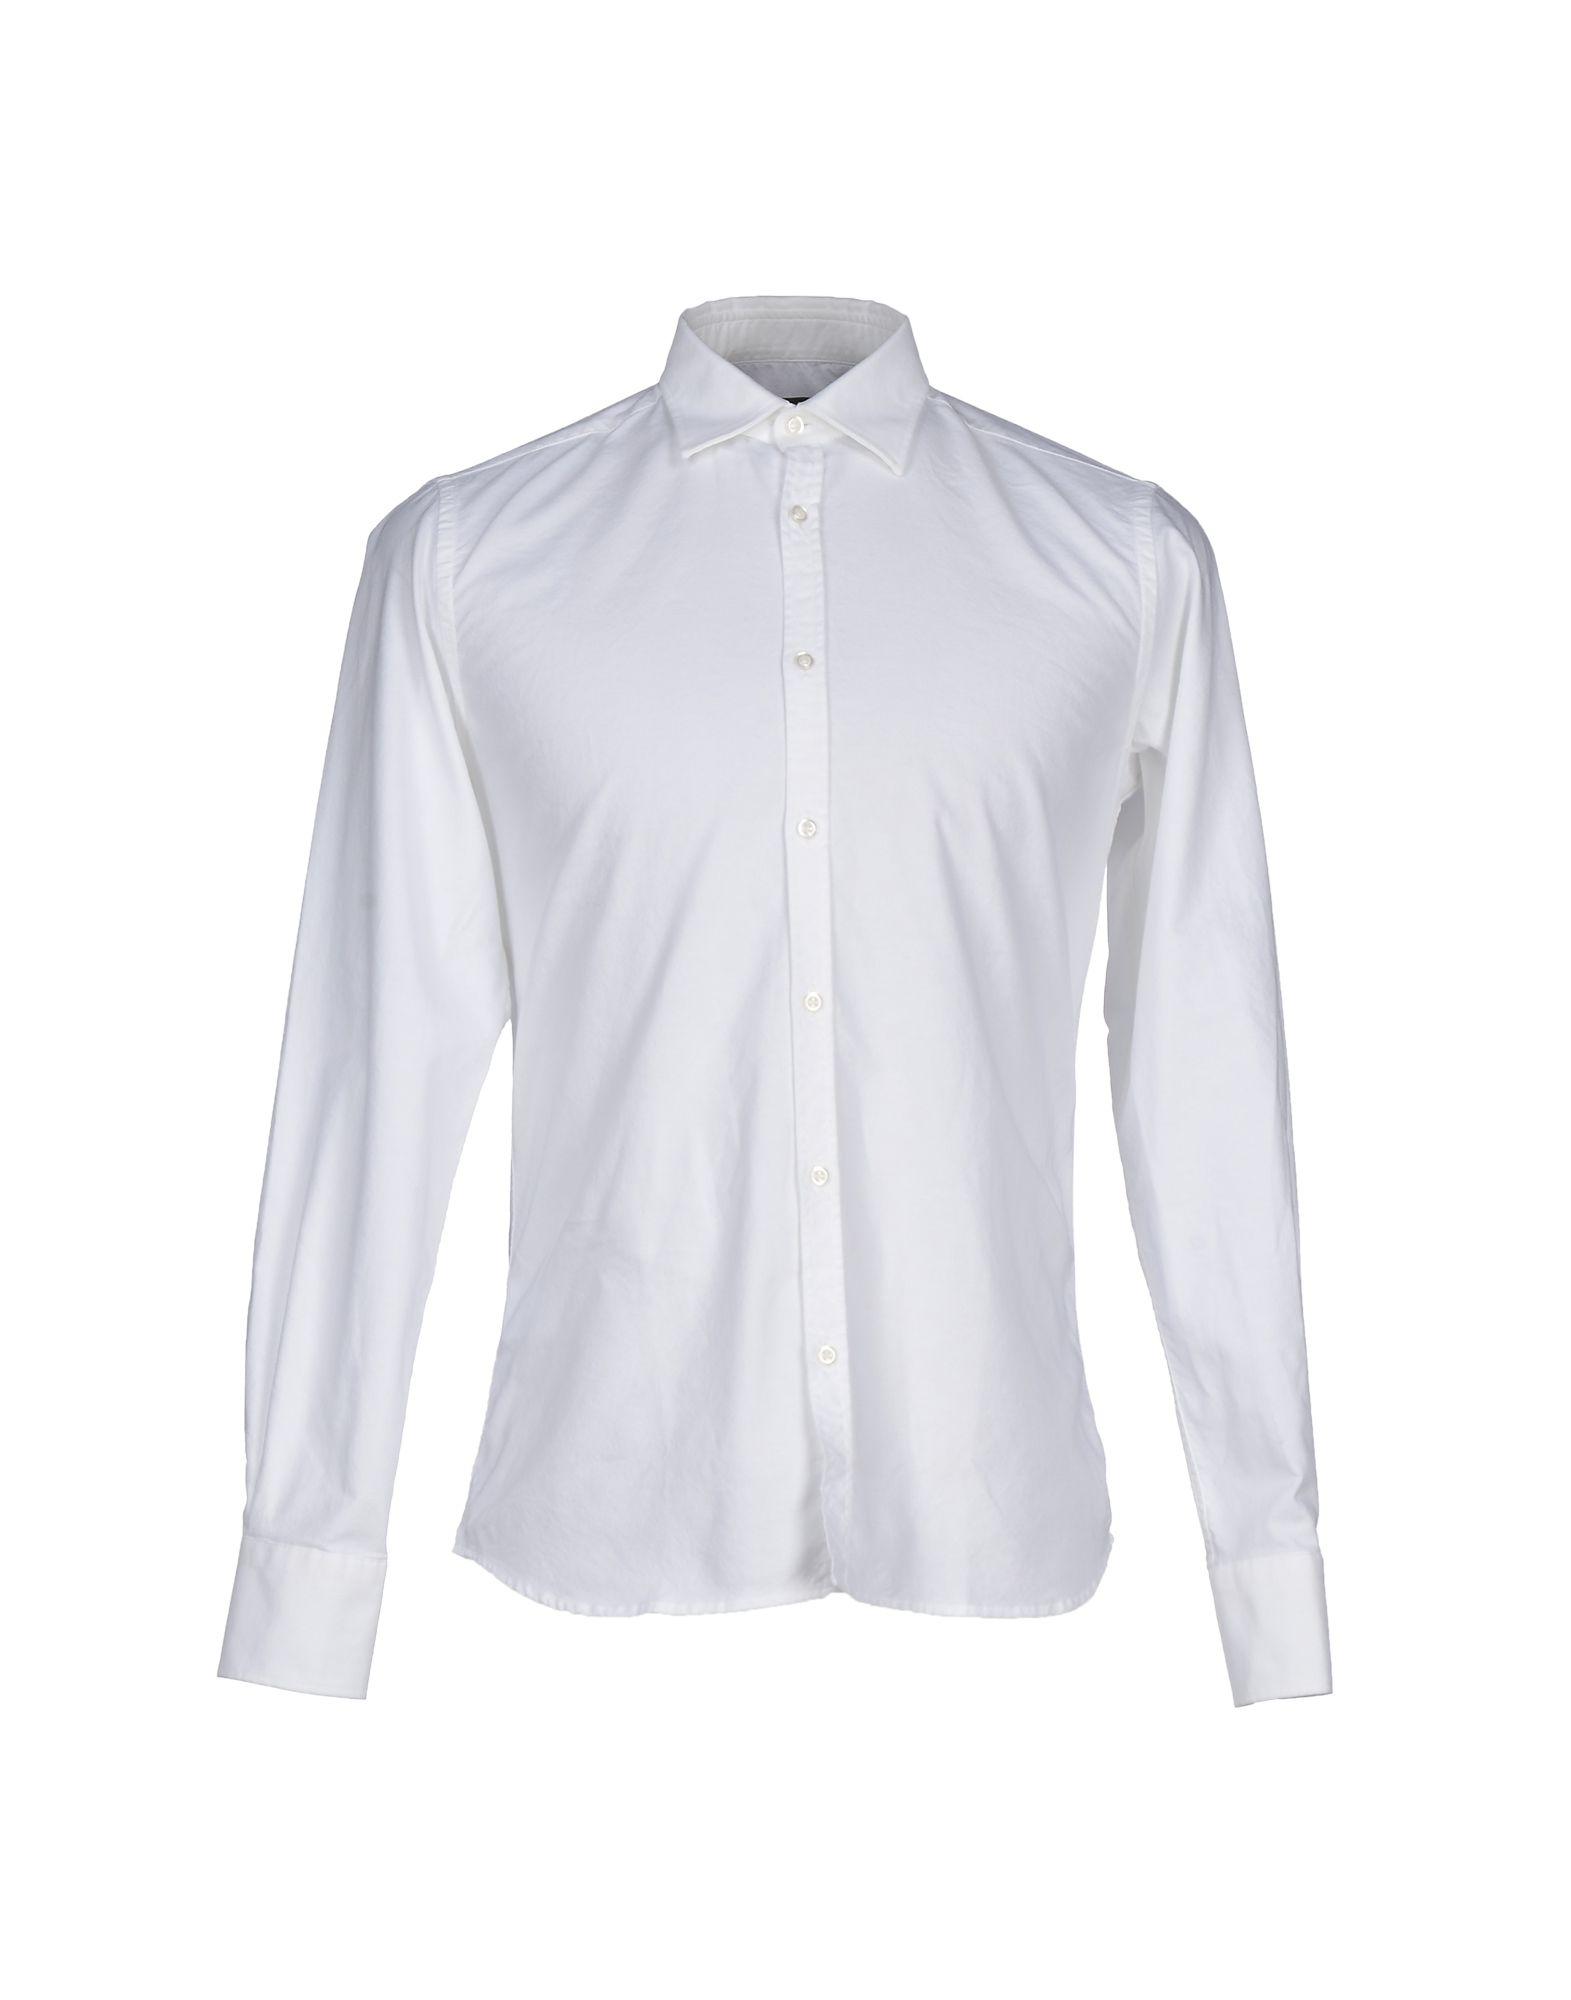 SANS FIXE DIMORE Pубашка цена и фото